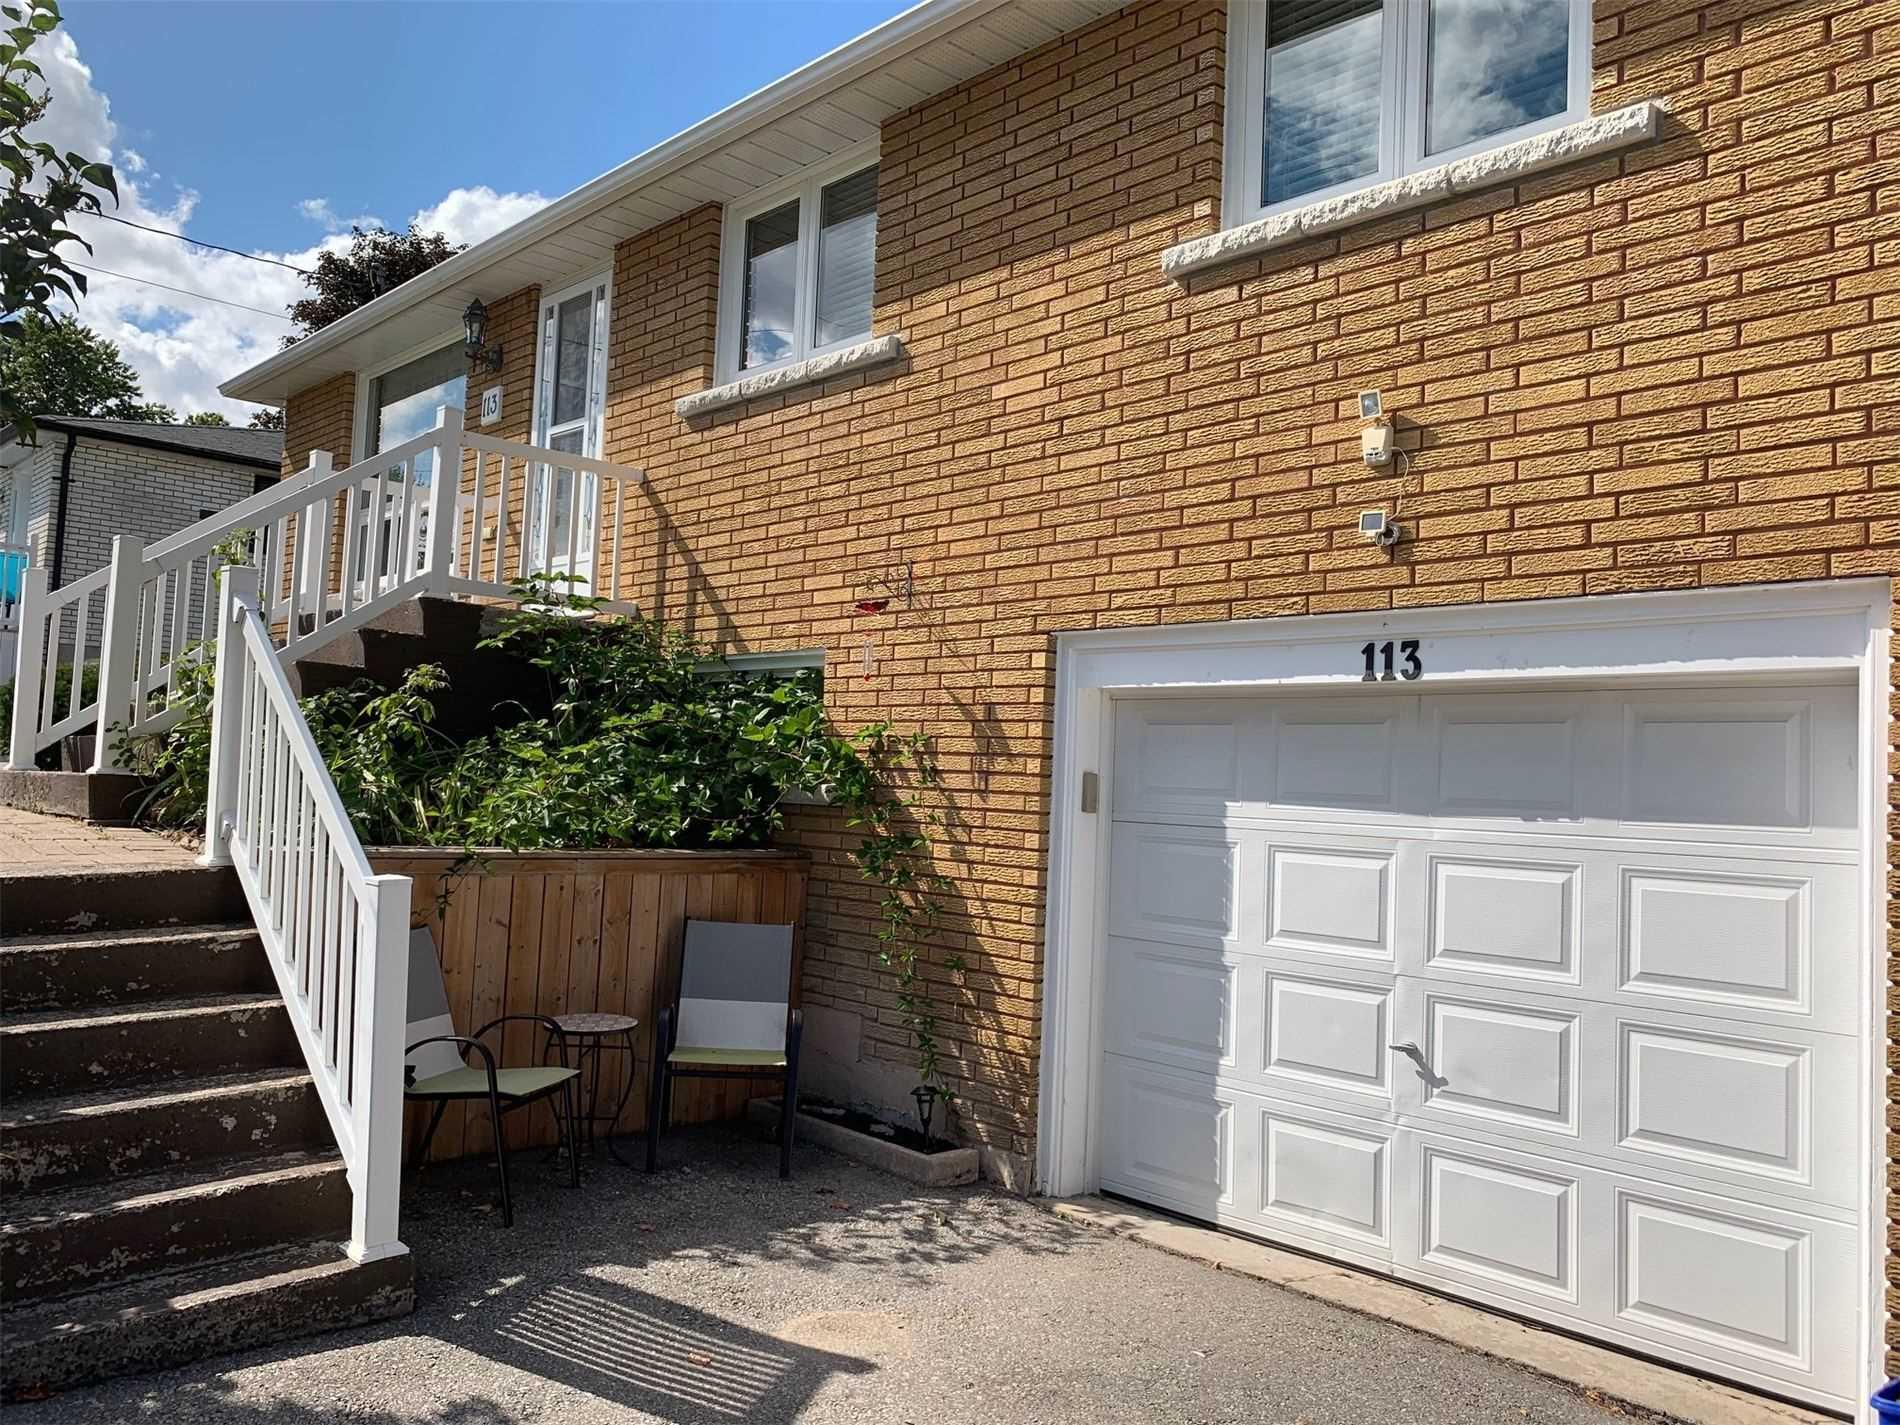 113 Luxury Ave, Bradford West Gwillimbury N4569932